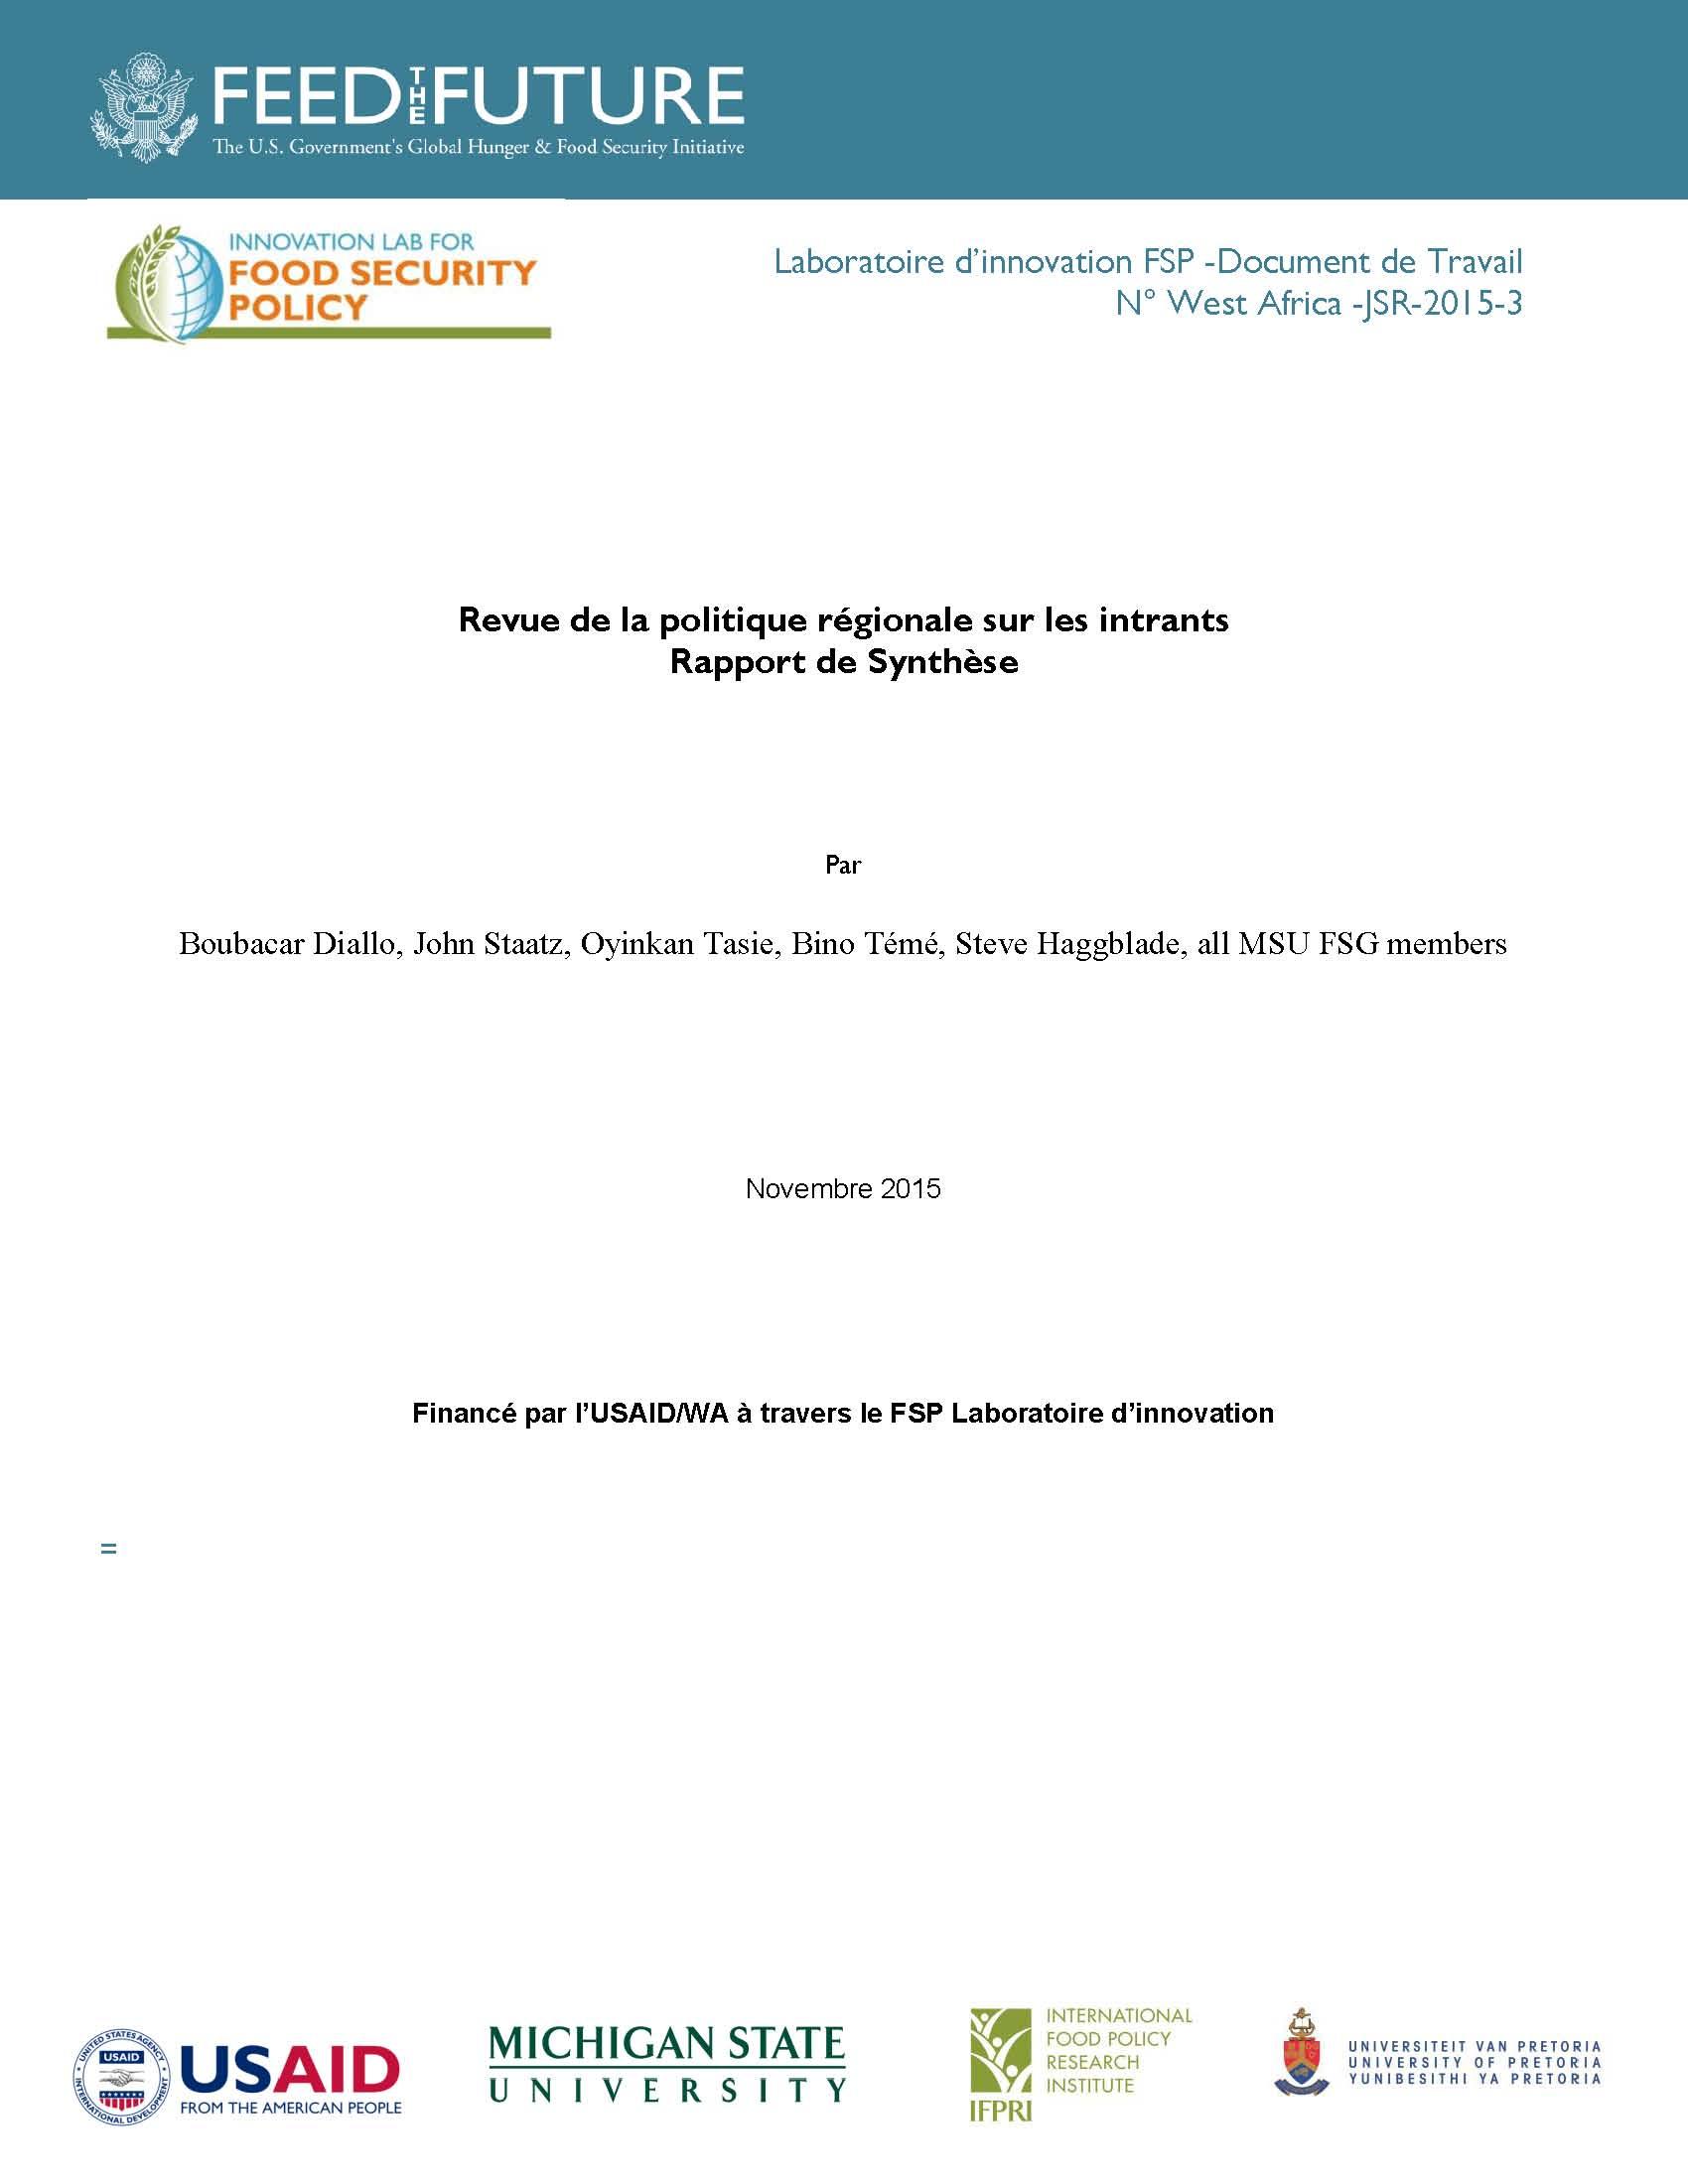 MSU : Revue de la politique CEDEAO sur les intrants